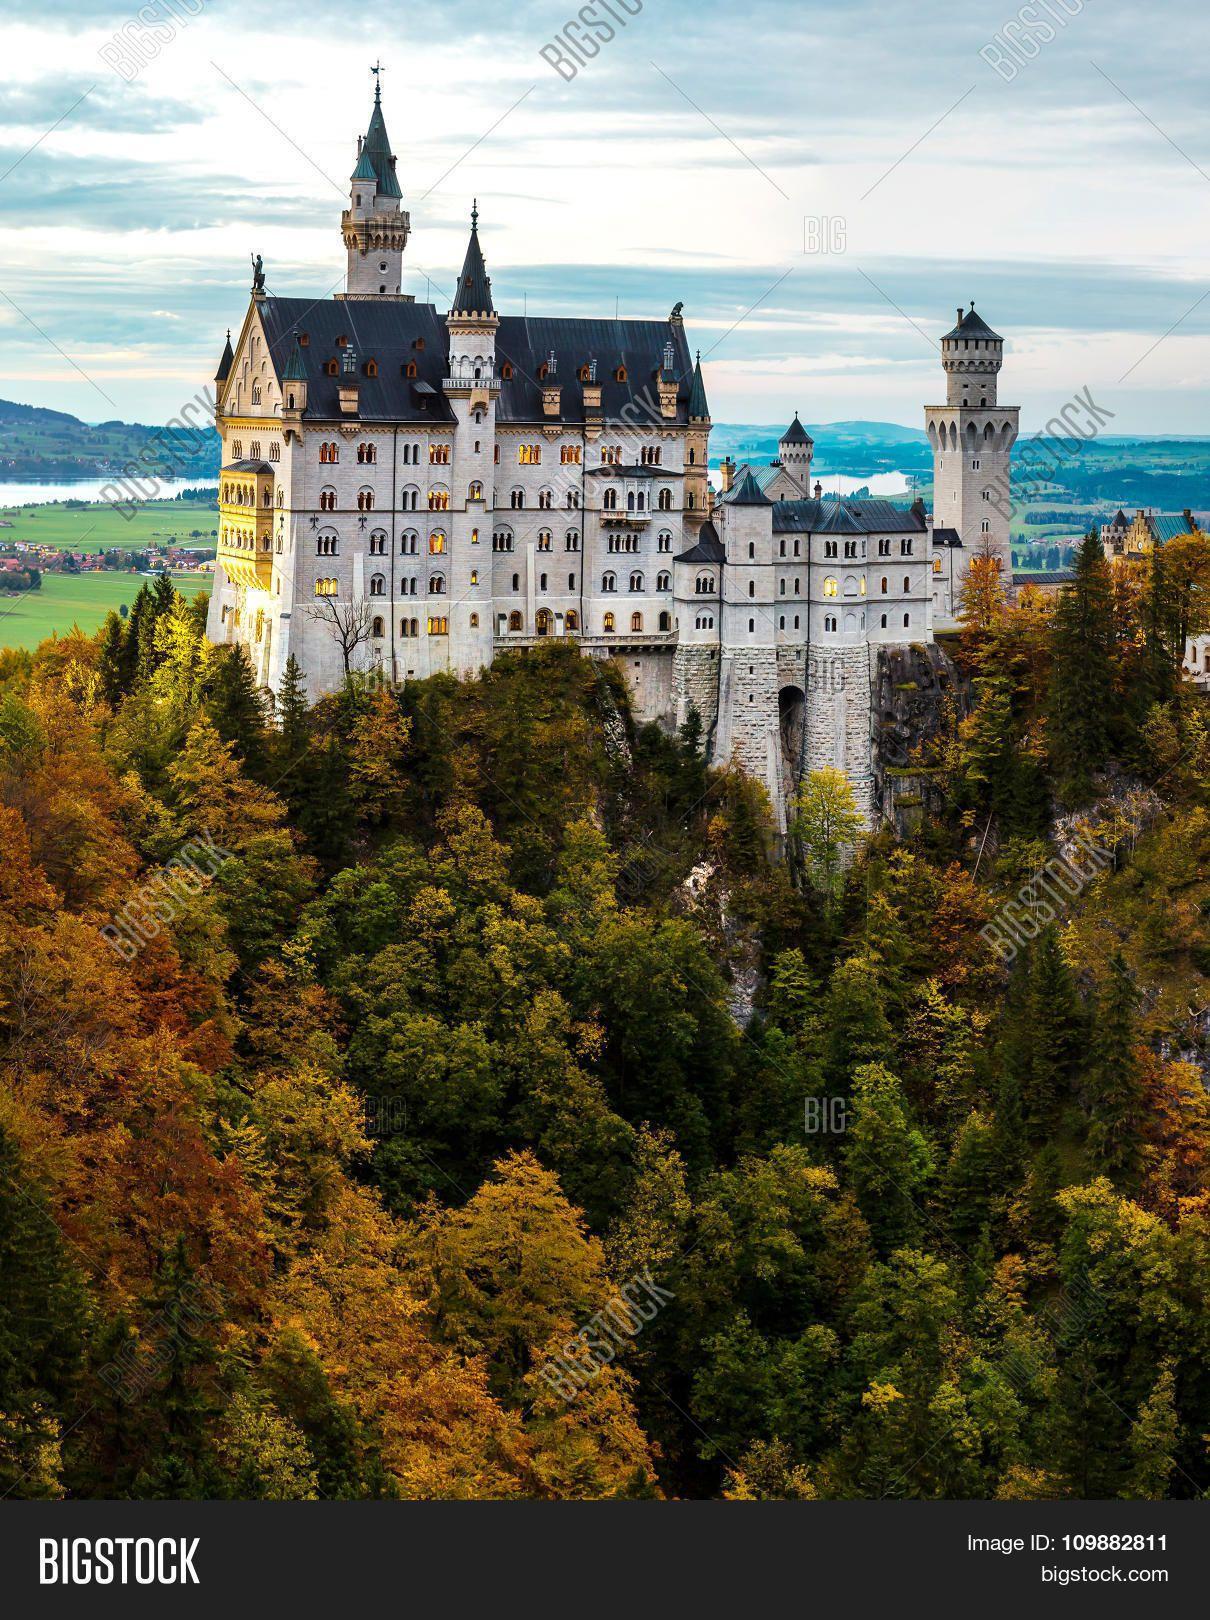 Neuschwanstein Castle travelphotography